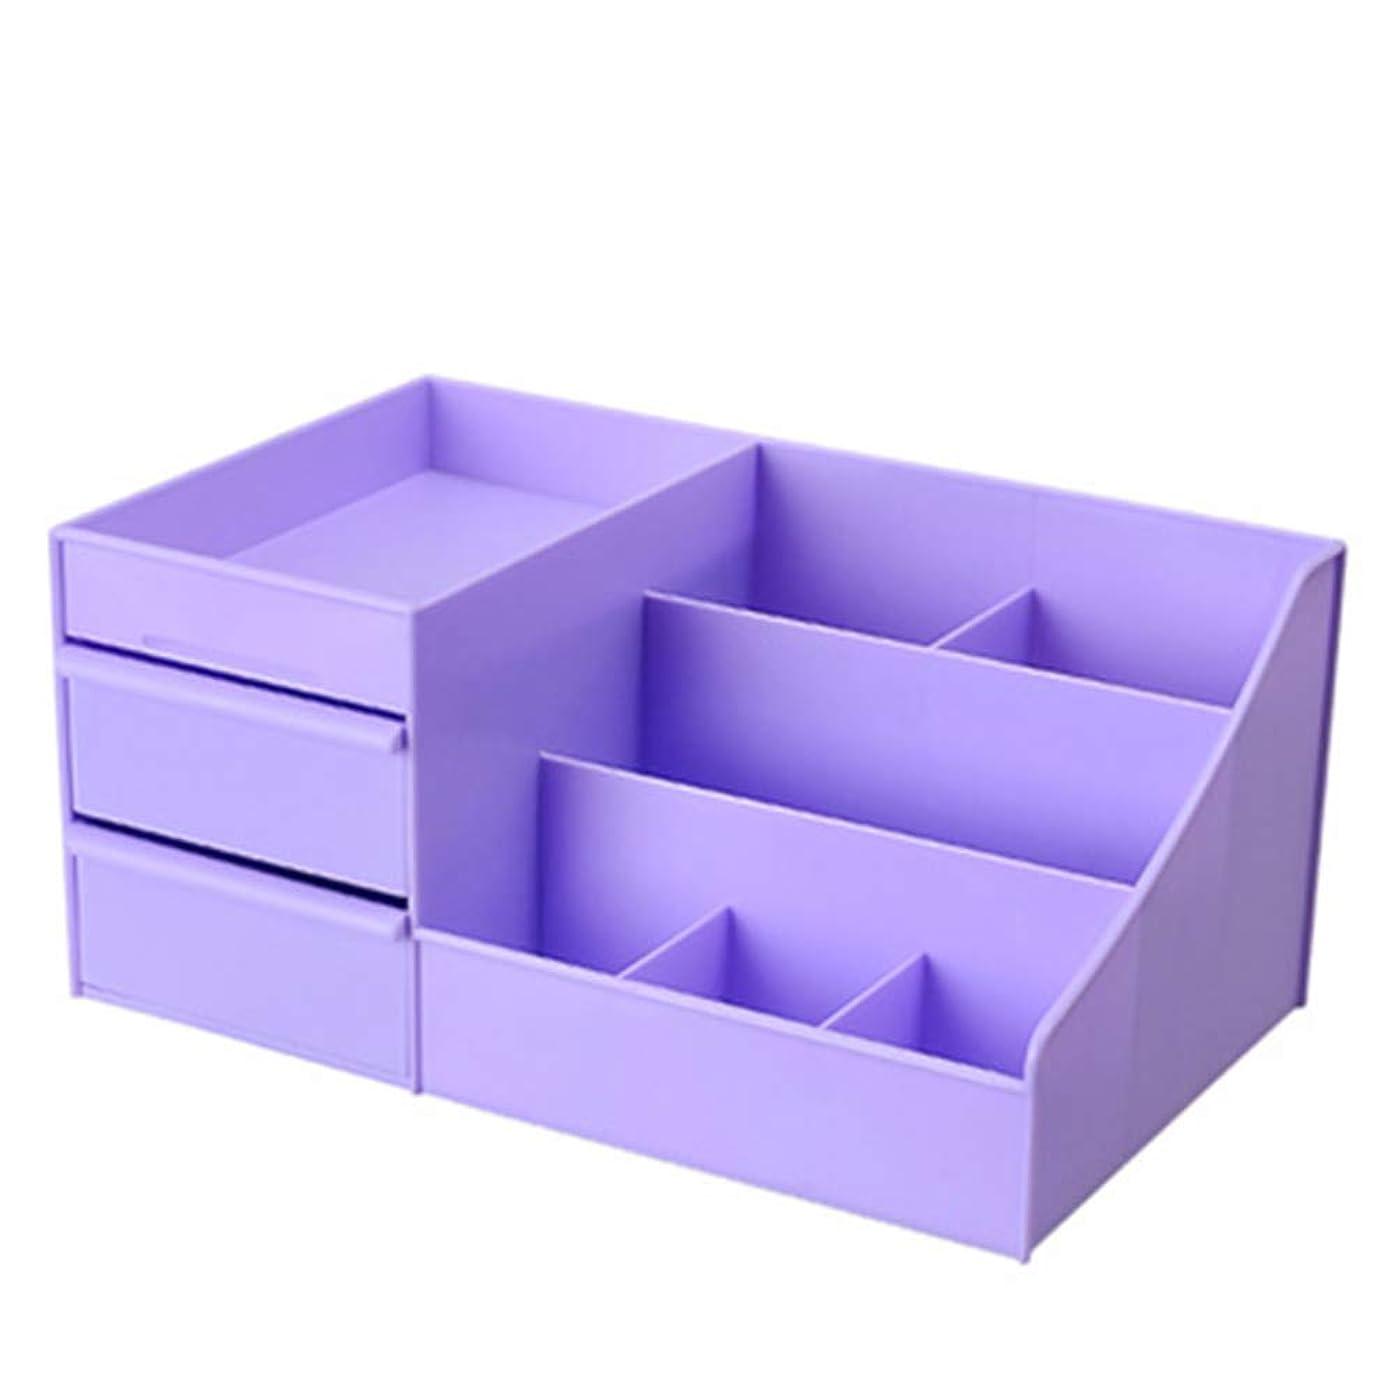 交通渋滞筋引っ張るAumesa Rano 化粧品収納ボックス 引き出し メイクボックス 大容量多機能収納ボックス コスメ収納 小物/化粧品入れ ジュエリーボックス ブラシホルダー 防塵 卓上収納 (パープル)